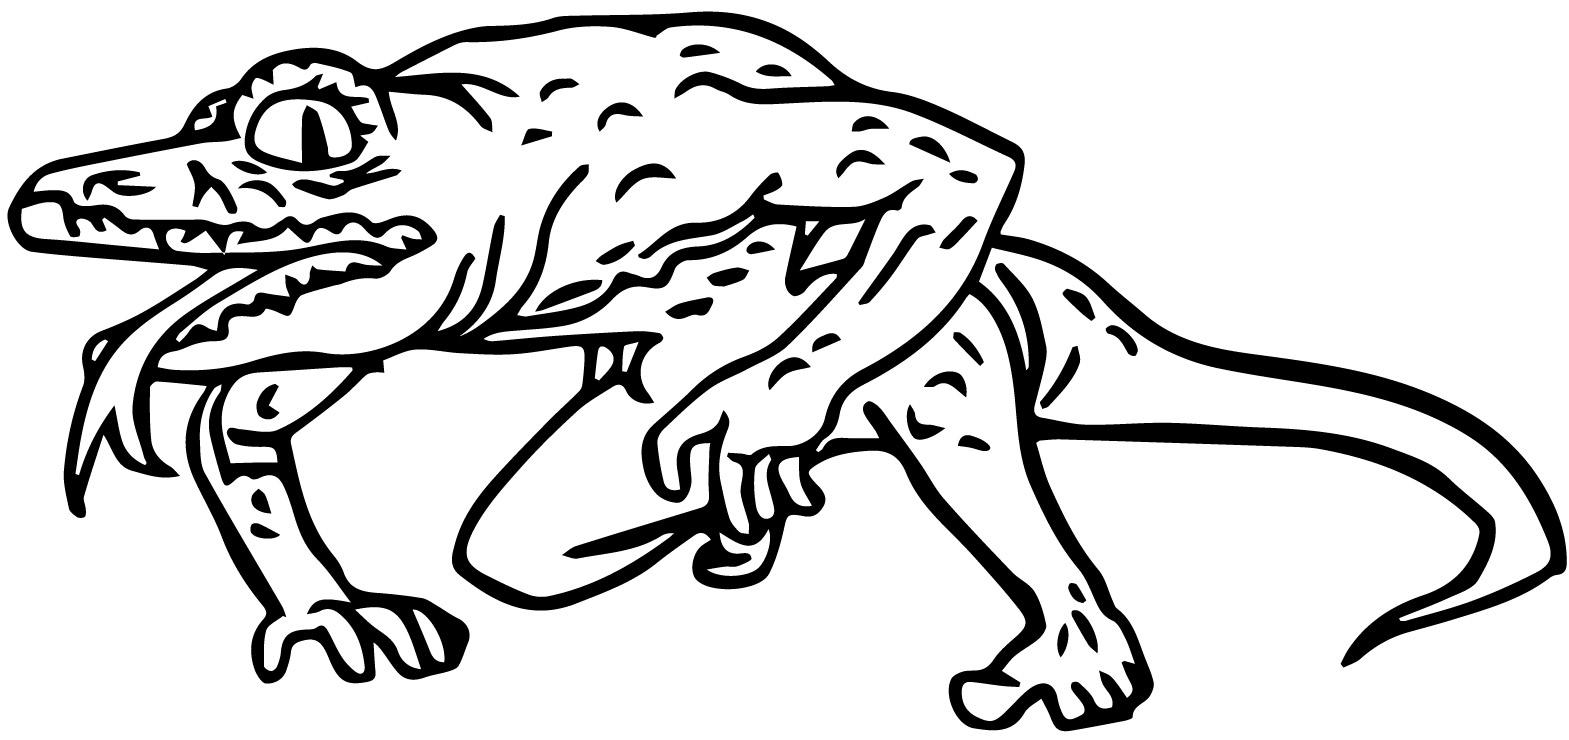 Lizard Coloring Pages | Wecoloringpage avec Coloriage Lézard